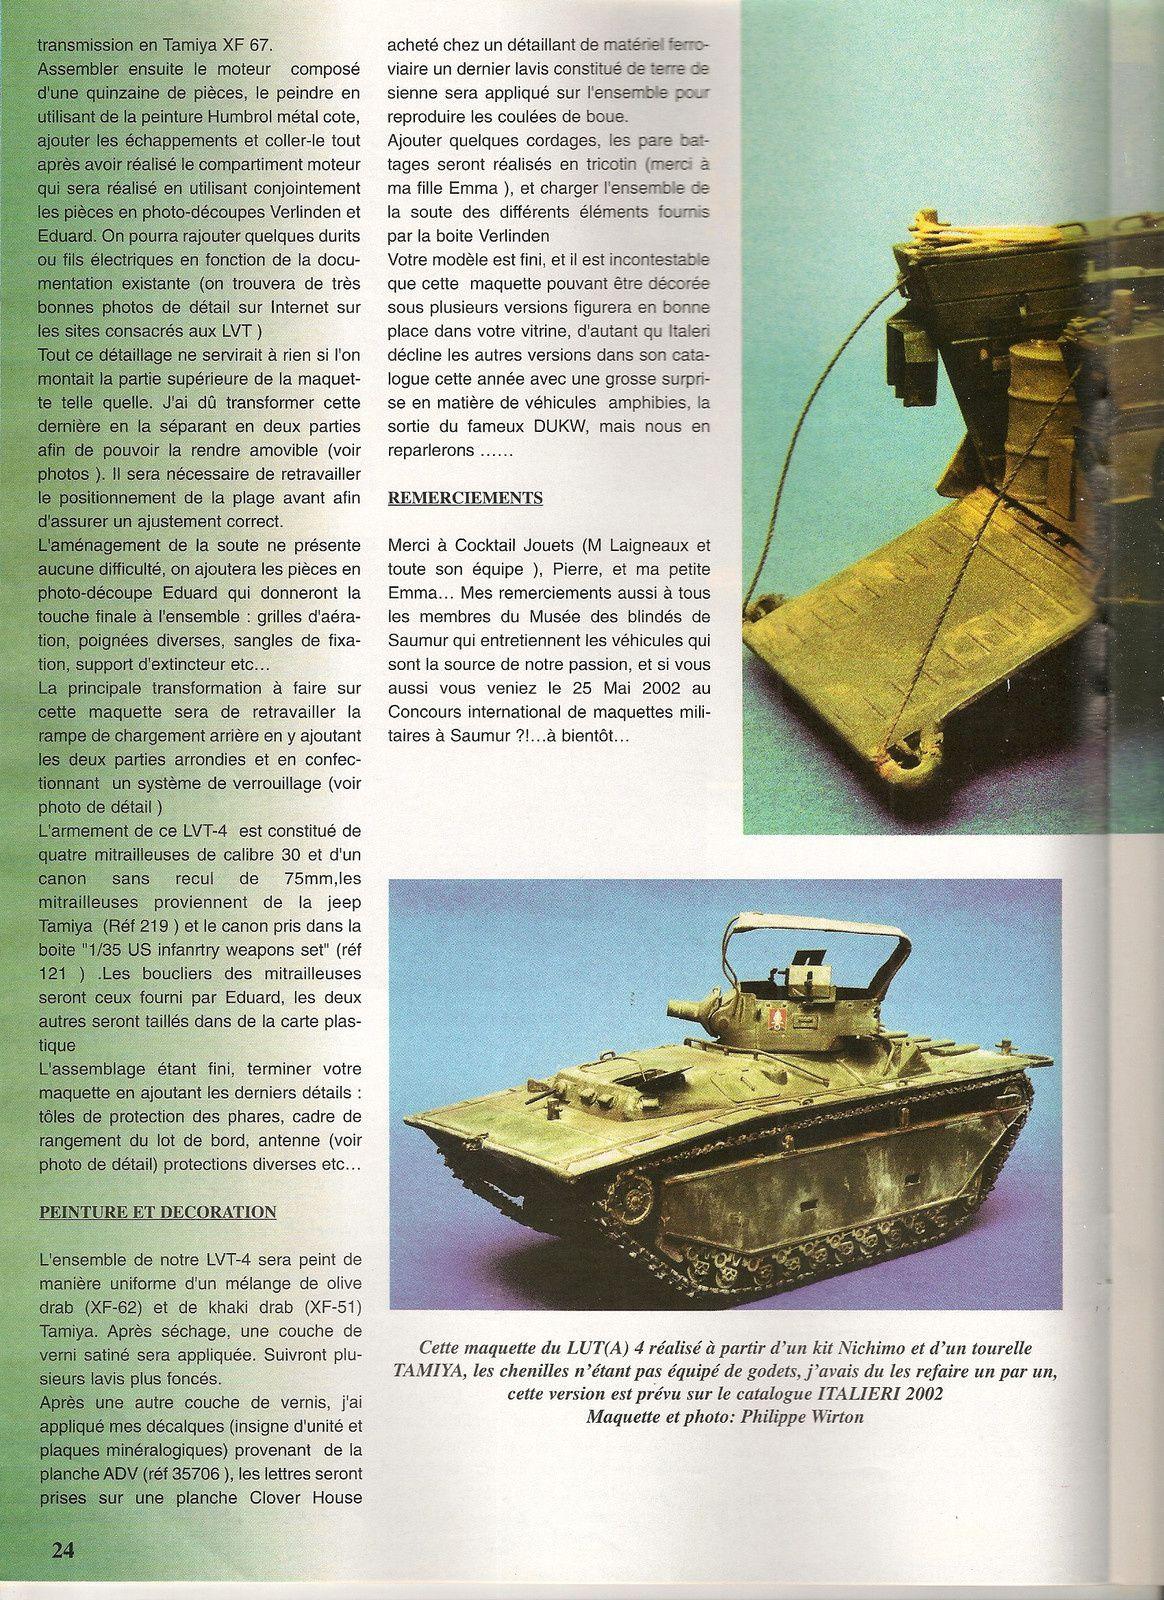 LVT4 Alligator en Indochine